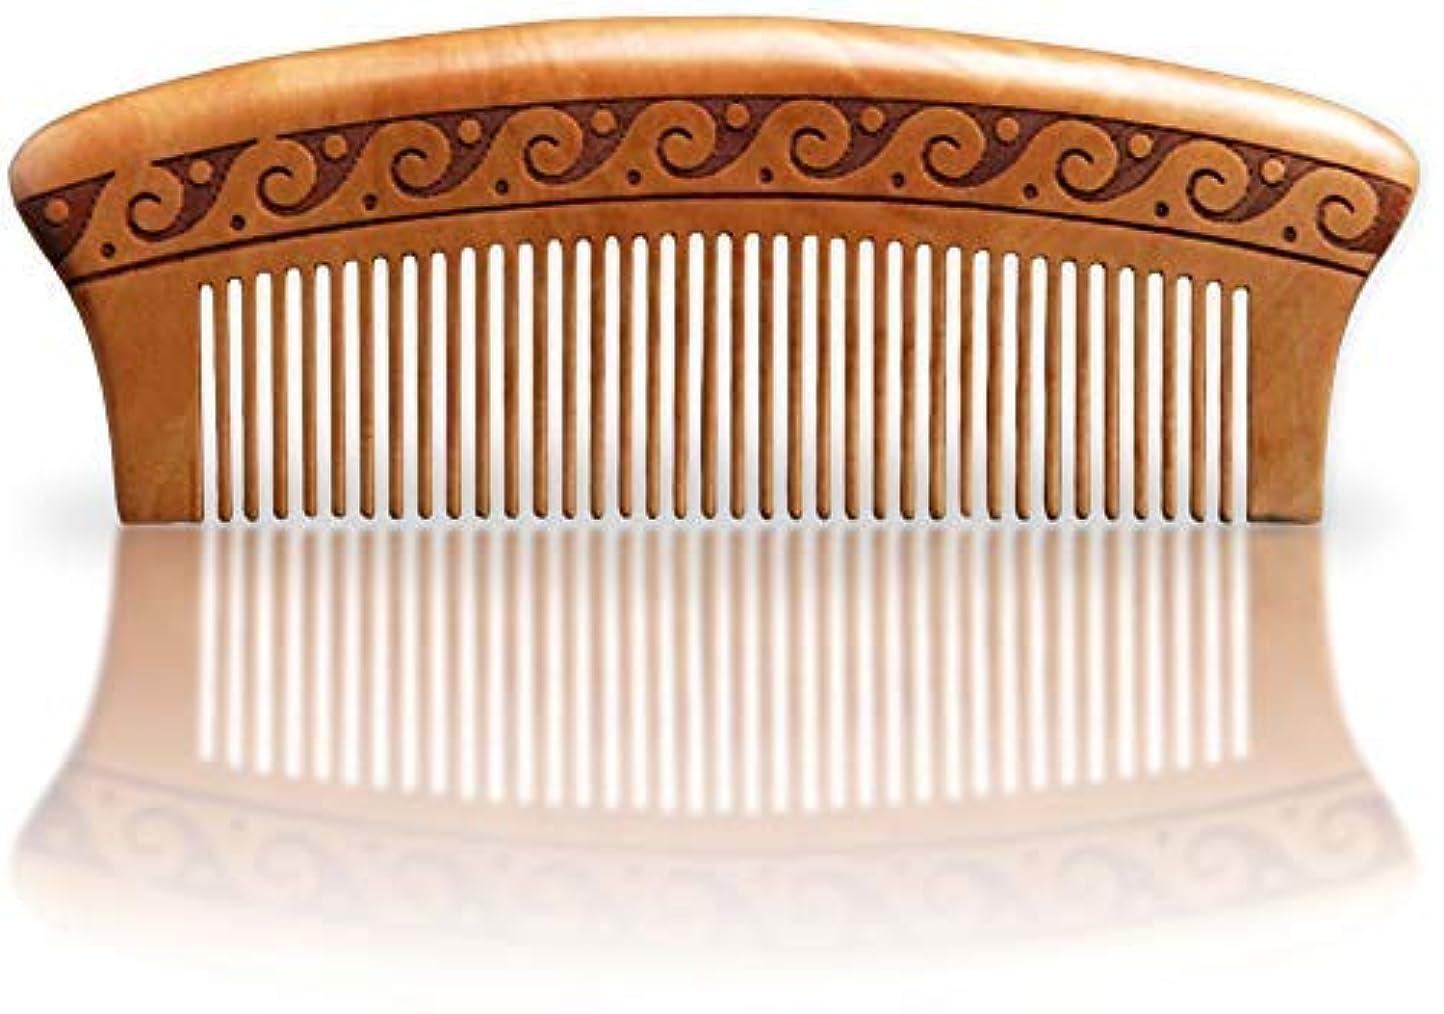 着実にコンパニオン印刷するBRIGHTFROM Wooden Hair Comb, Anti-Static, Detangling, Great for Hair, Beard, Mustache, Natural Peach Wood [並行輸入品]